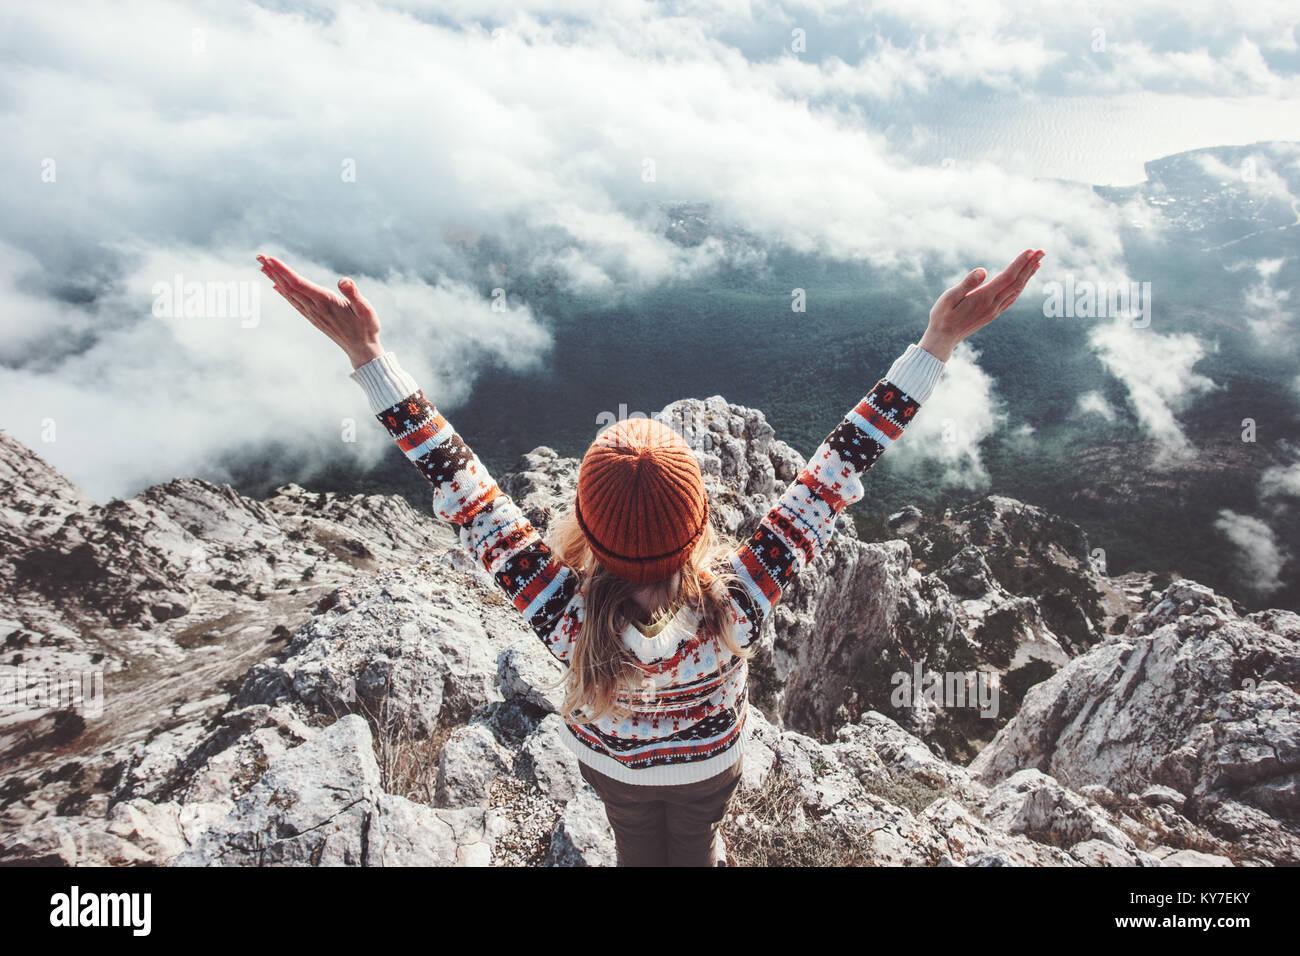 Glückliche Frau Reisenden auf Berggipfel und hob die Hand, Reisen Lifestyle erfolg konzept Abenteuer aktiv Stockbild